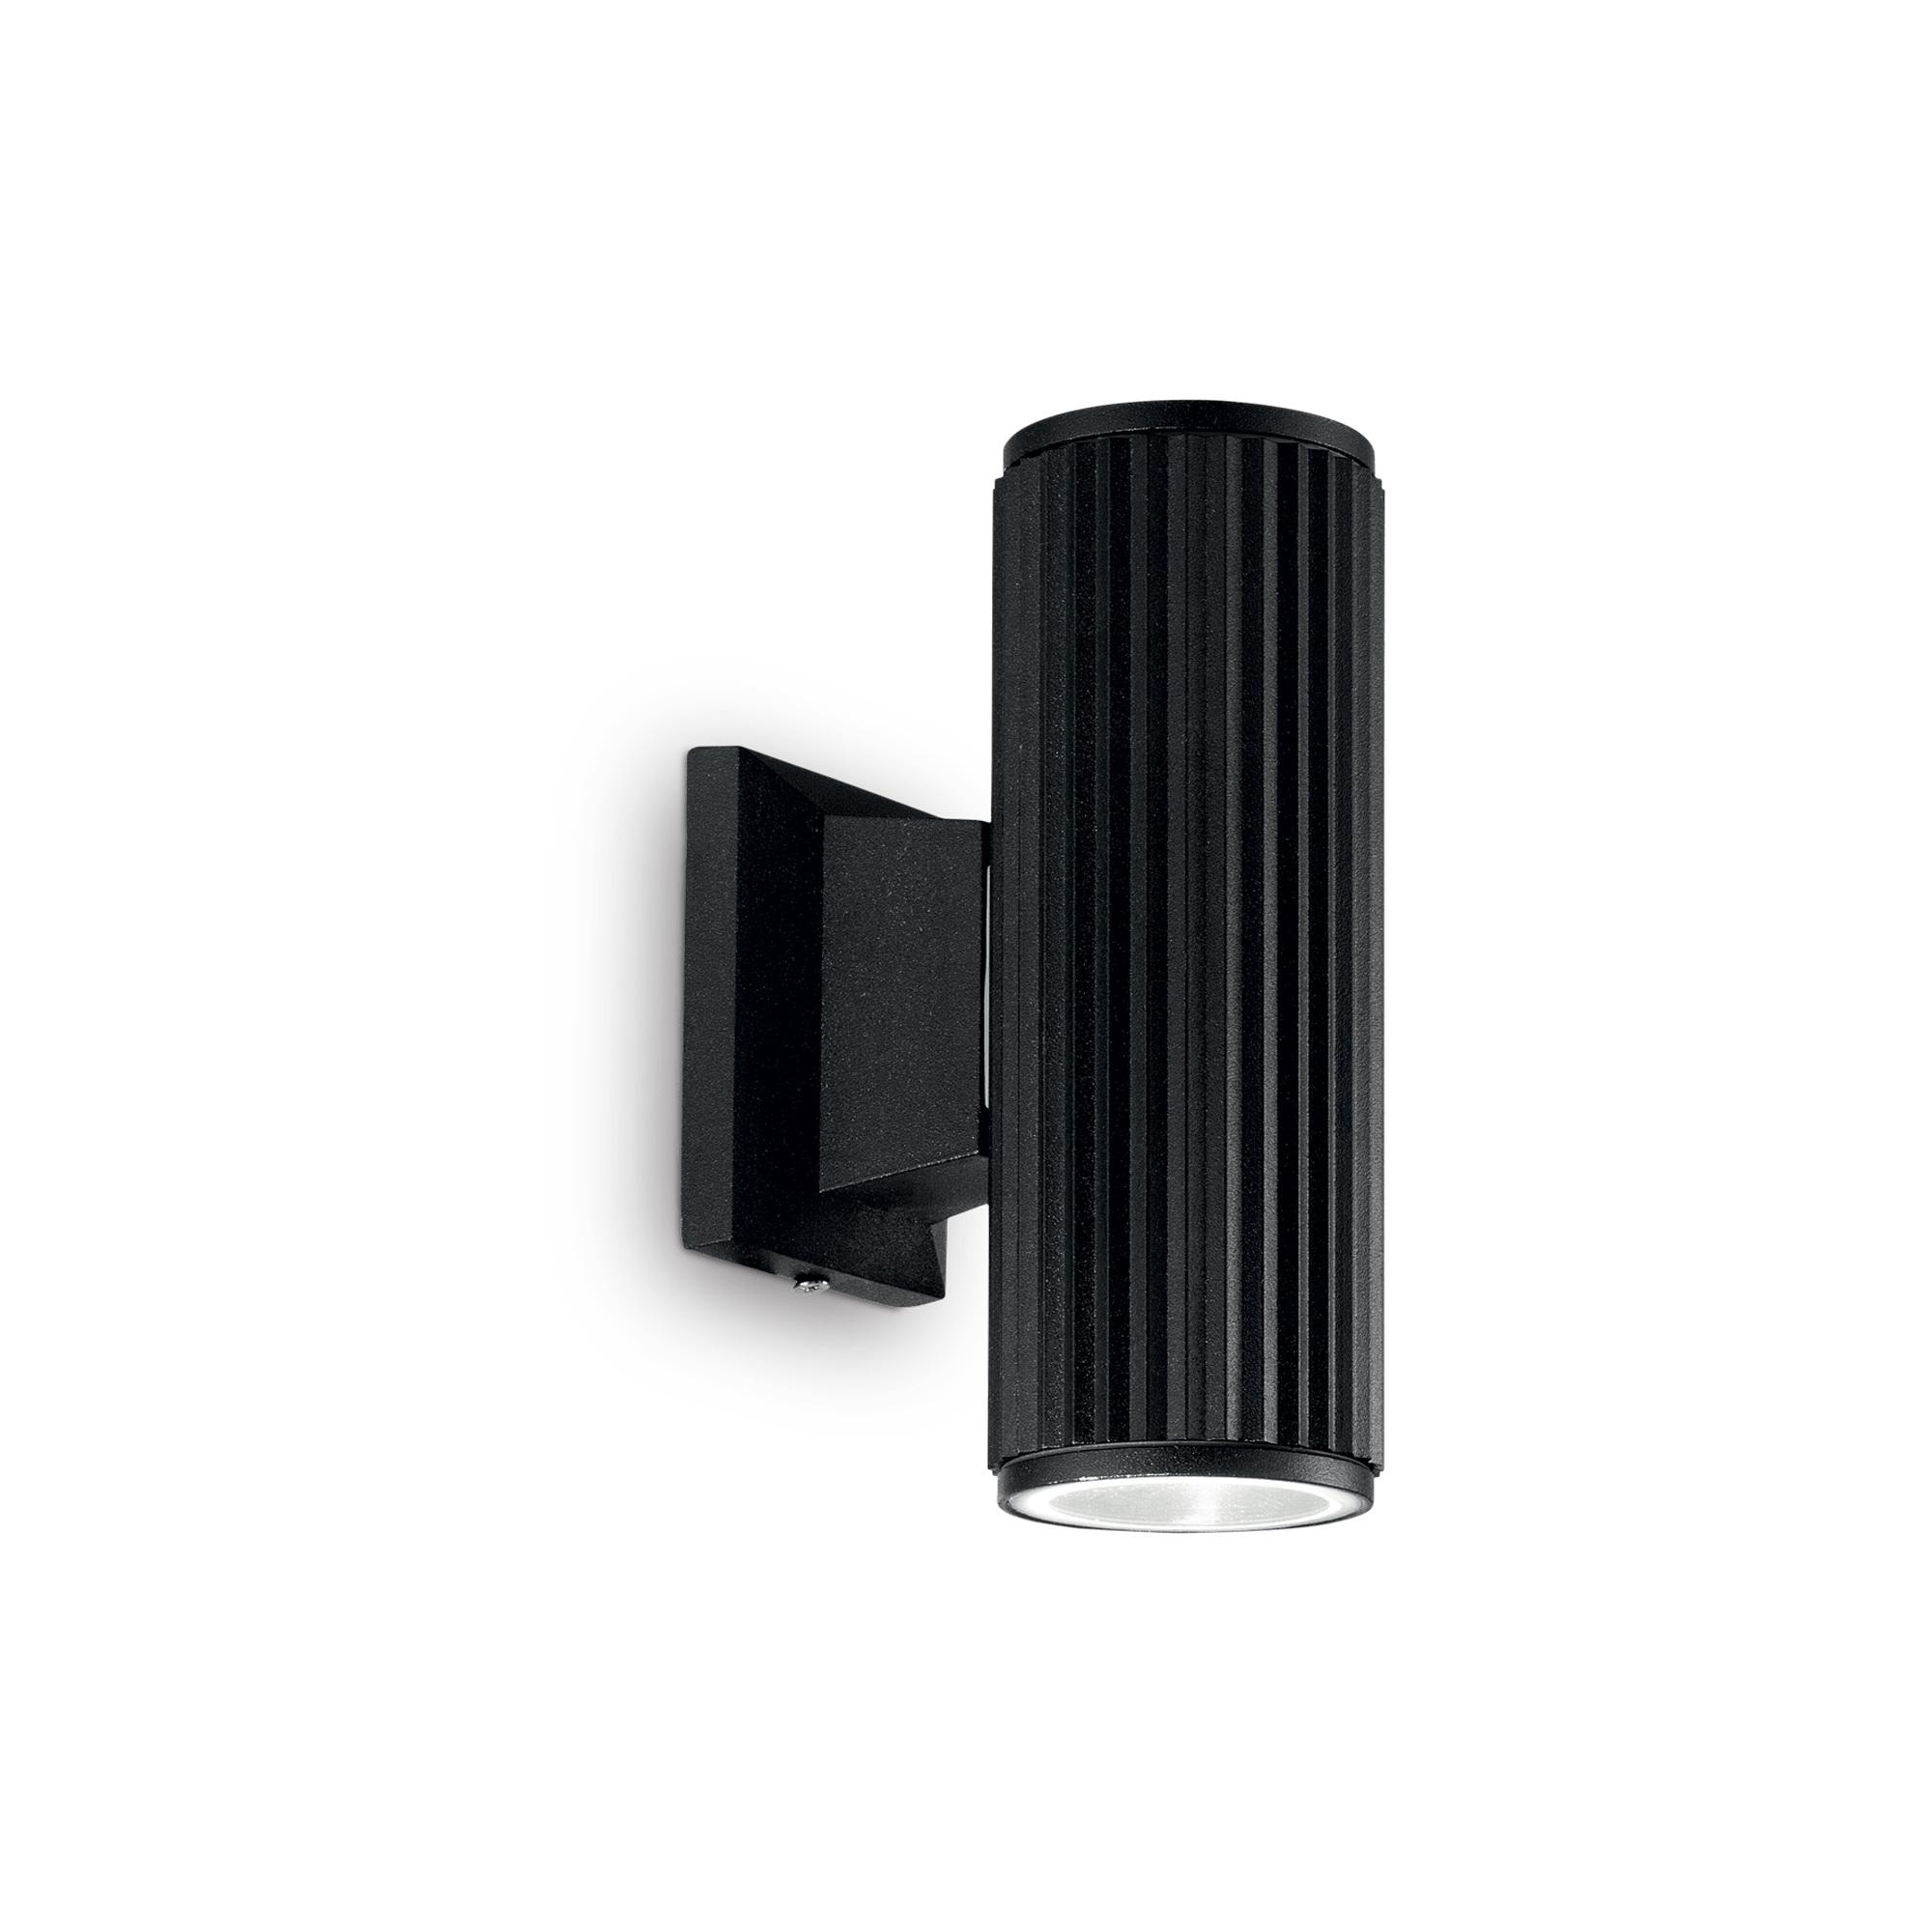 BASE AP2 NERO уличный накладной светильник черный